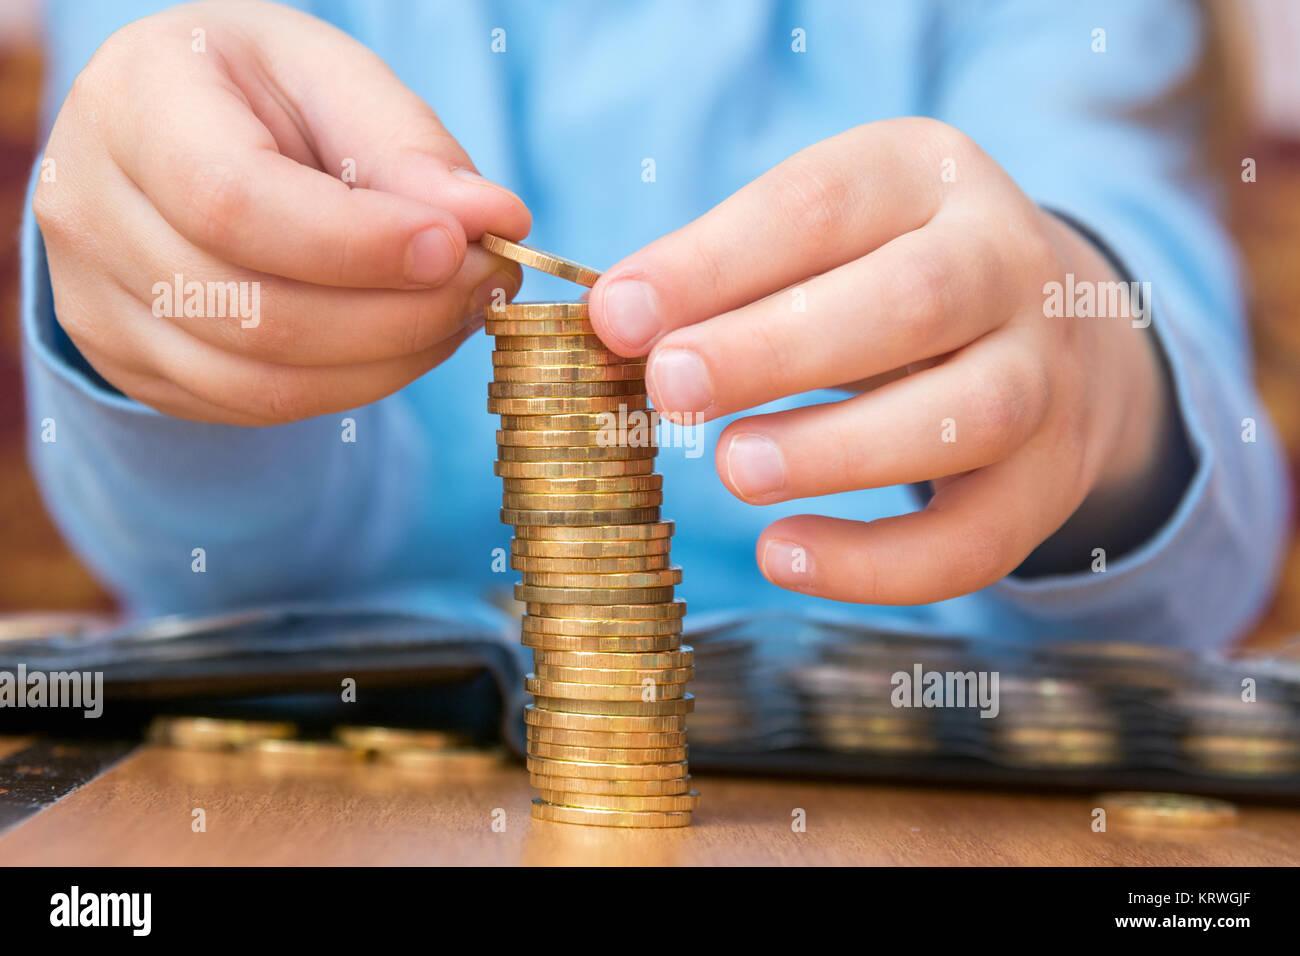 Bambino accumulato un gran mucchio di monete d'oro, close-up Immagini Stock